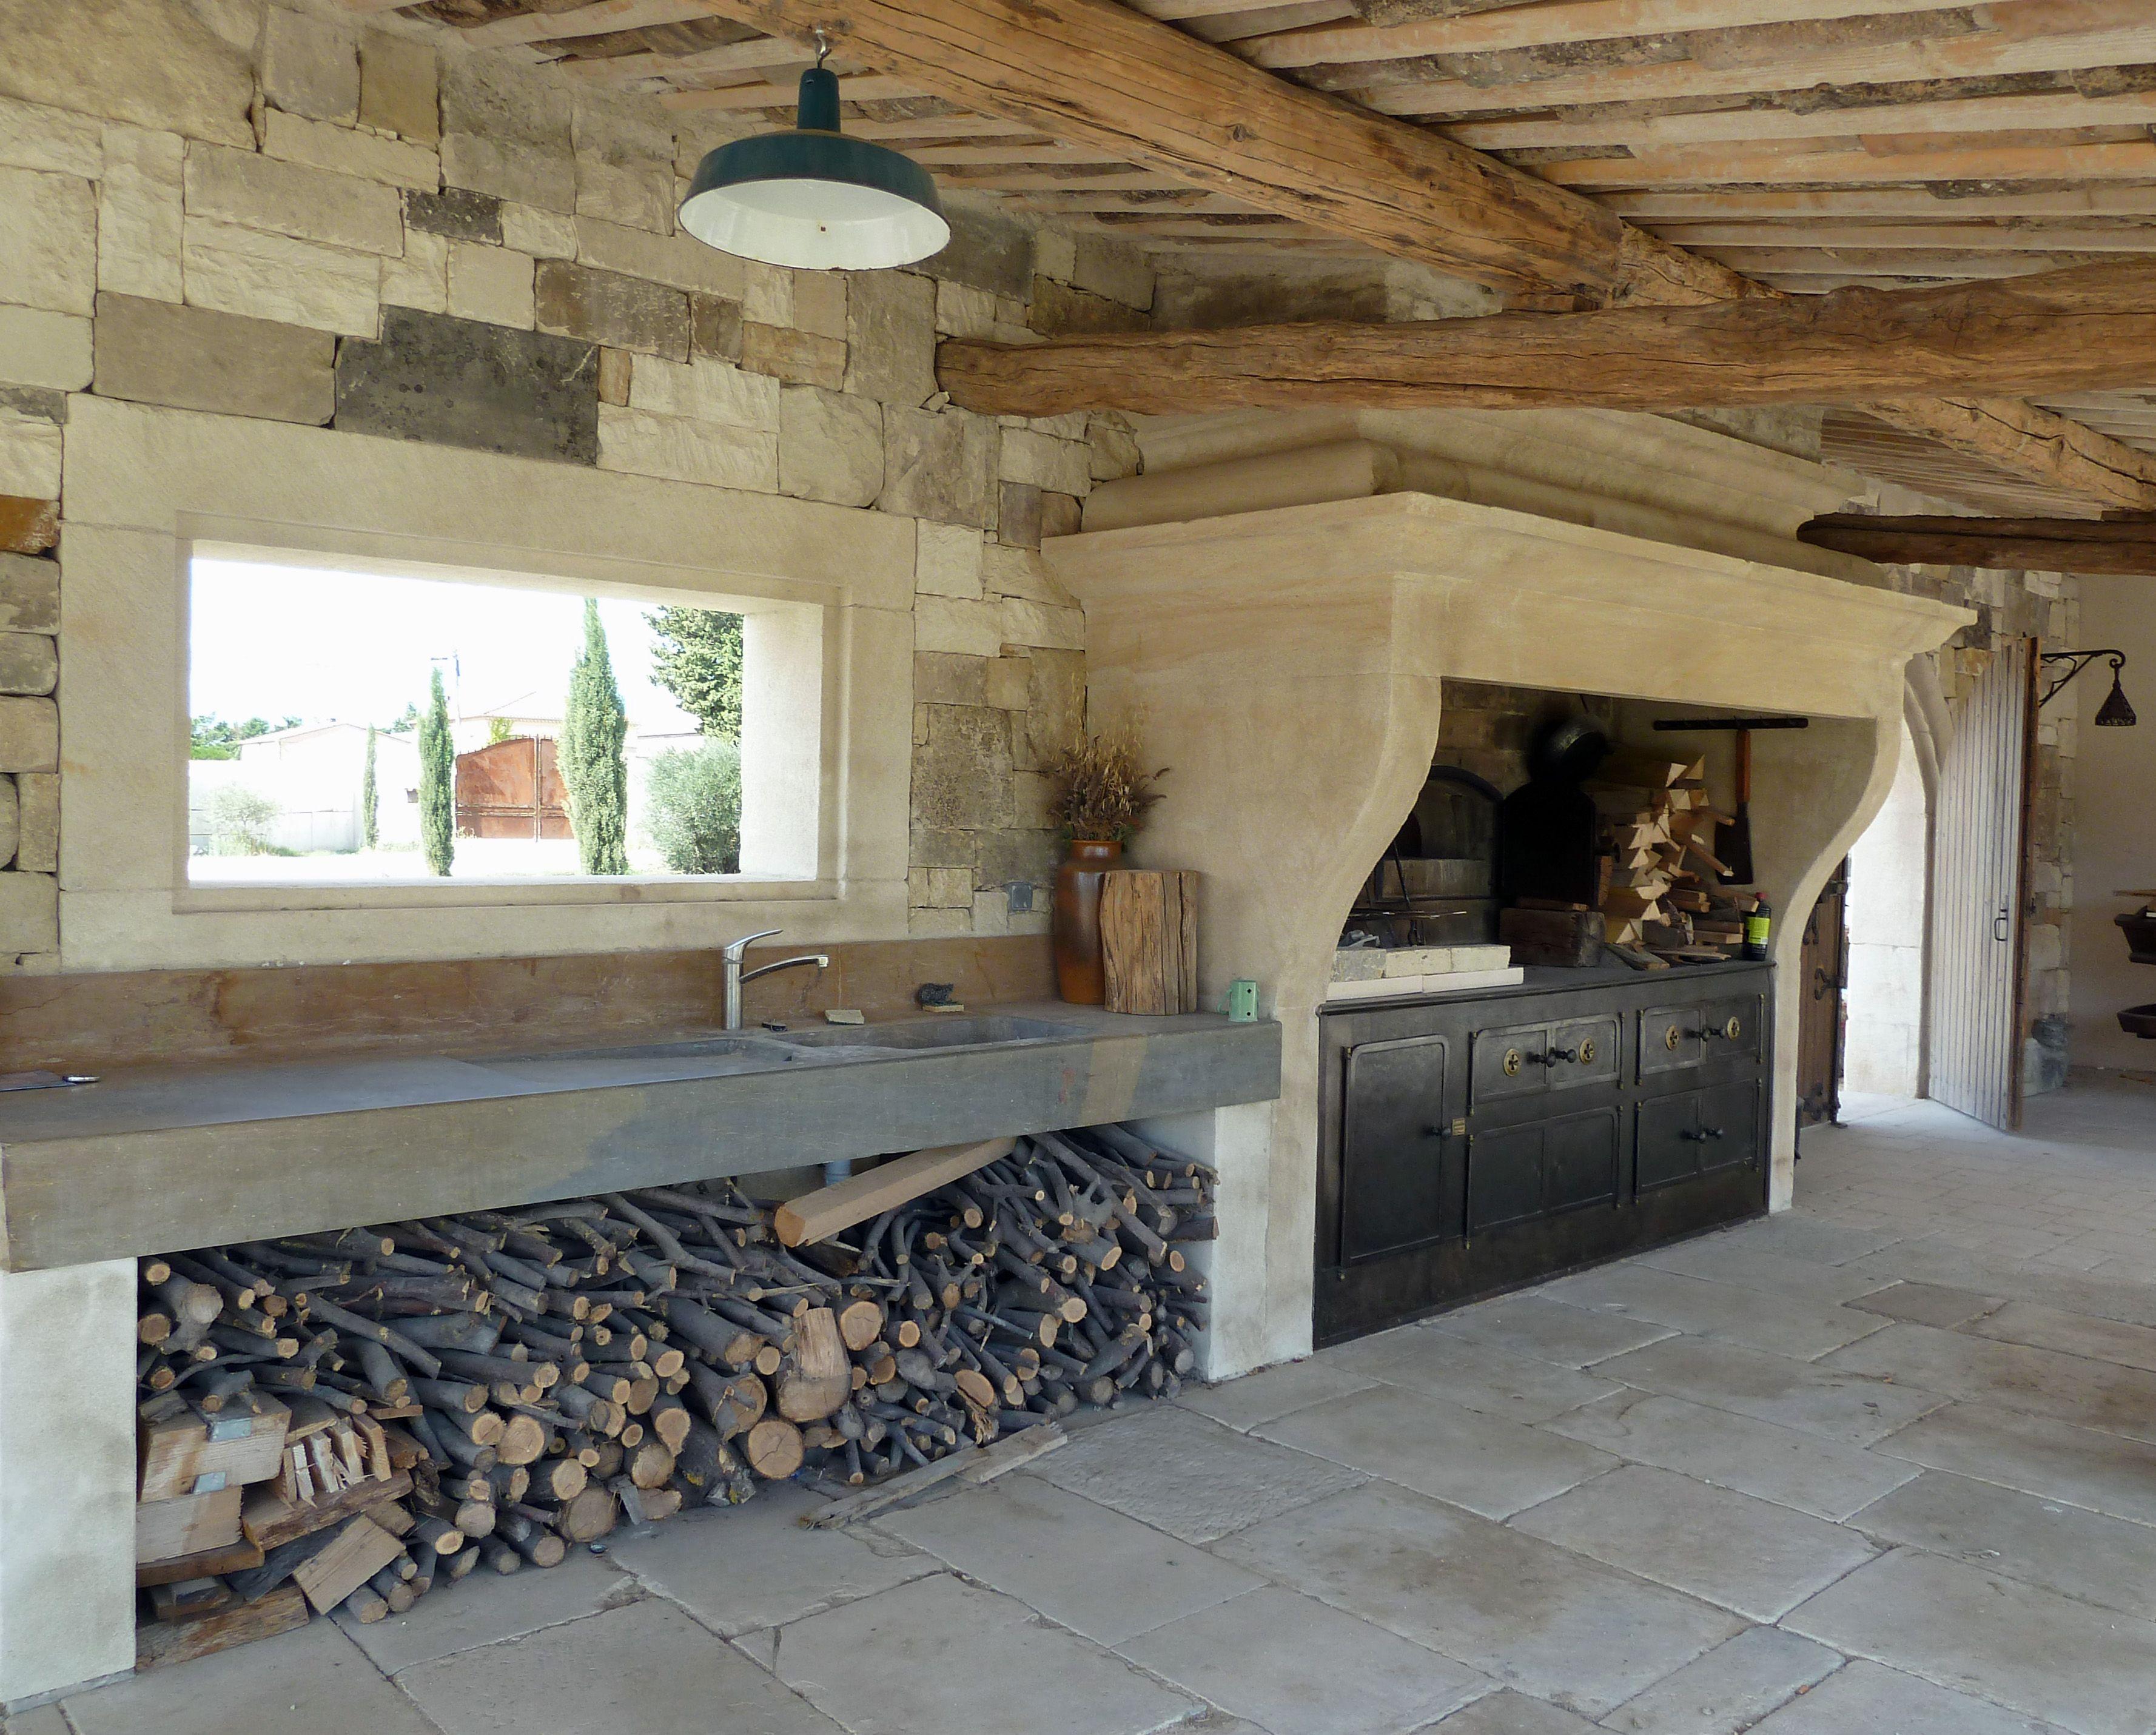 Cette cuisine d'été installée dans un mas provençal de la